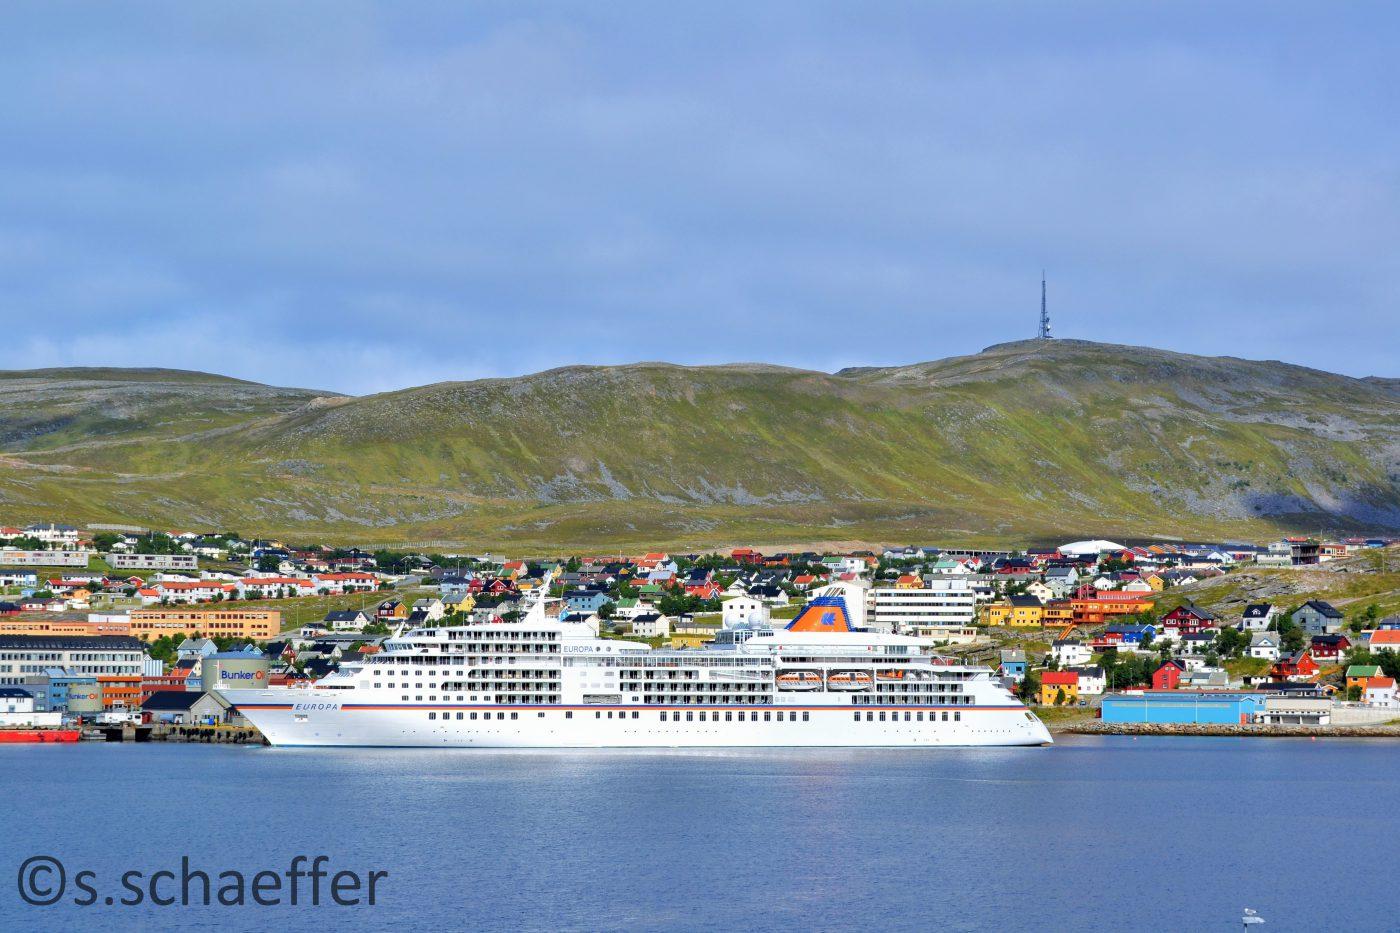 Das 5 Sterne-Schiff macht in Norwegen Station